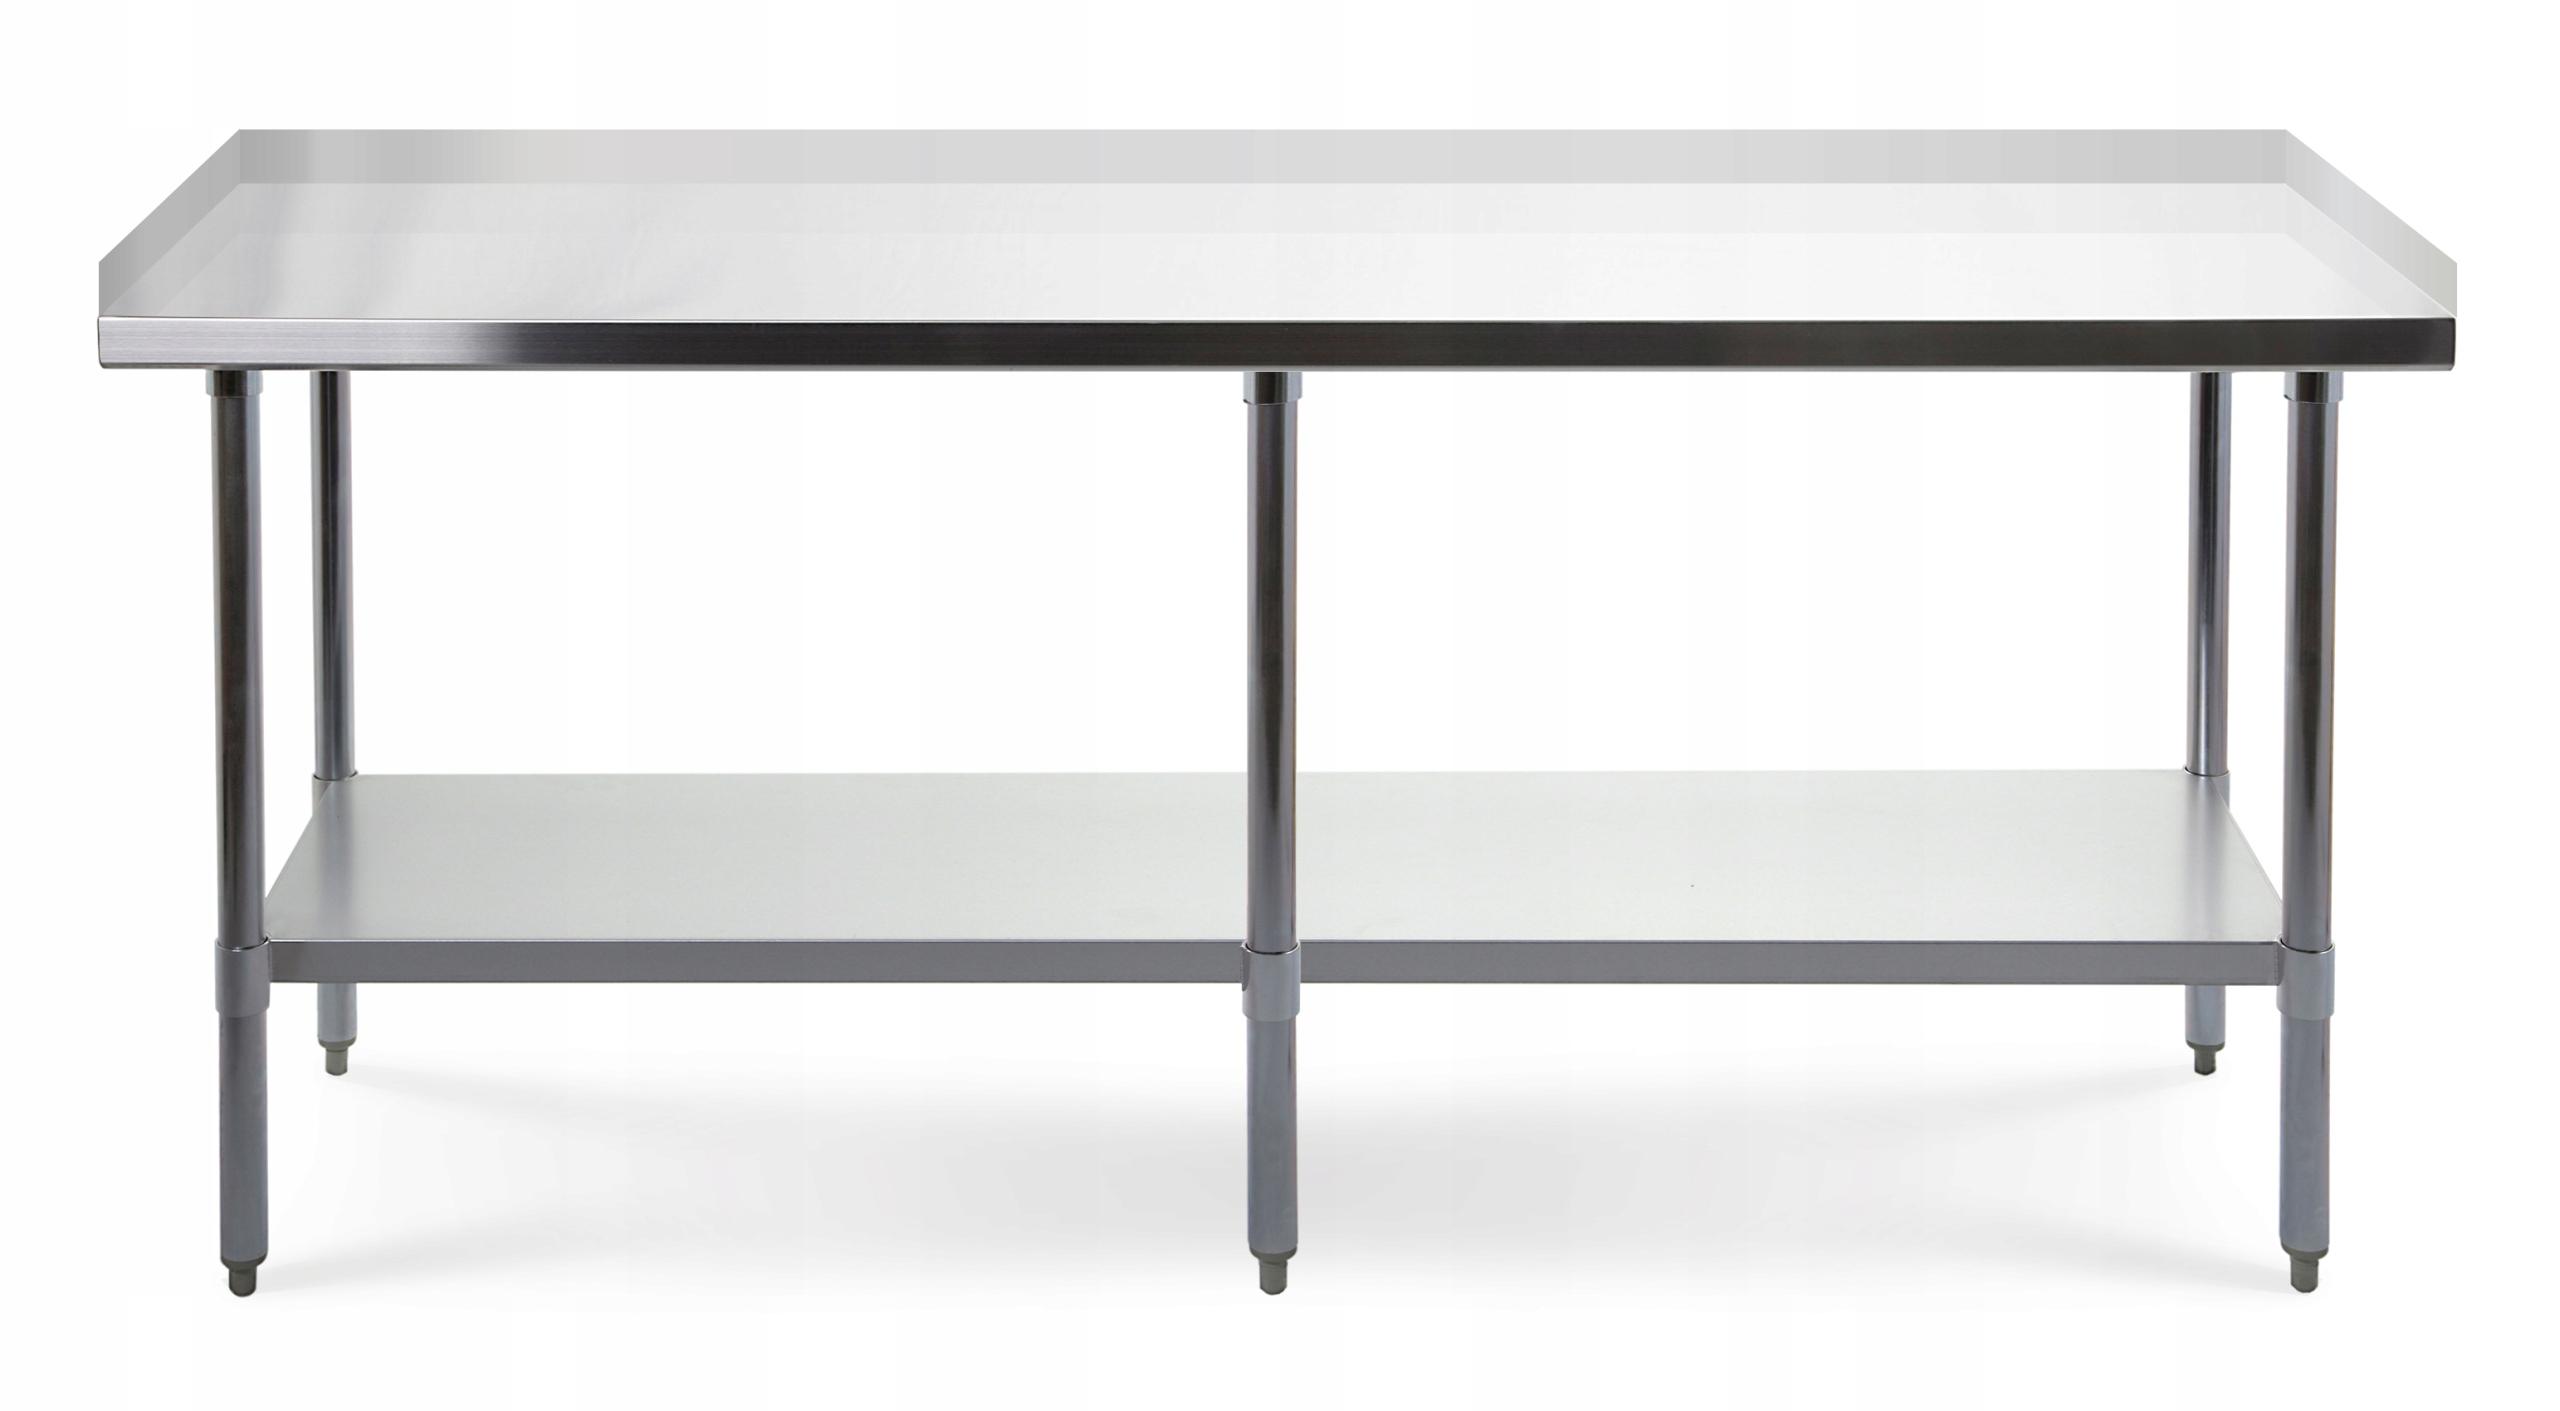 Pracovný stôl. Tabuľka TOP. Oceľ. Oceľ.